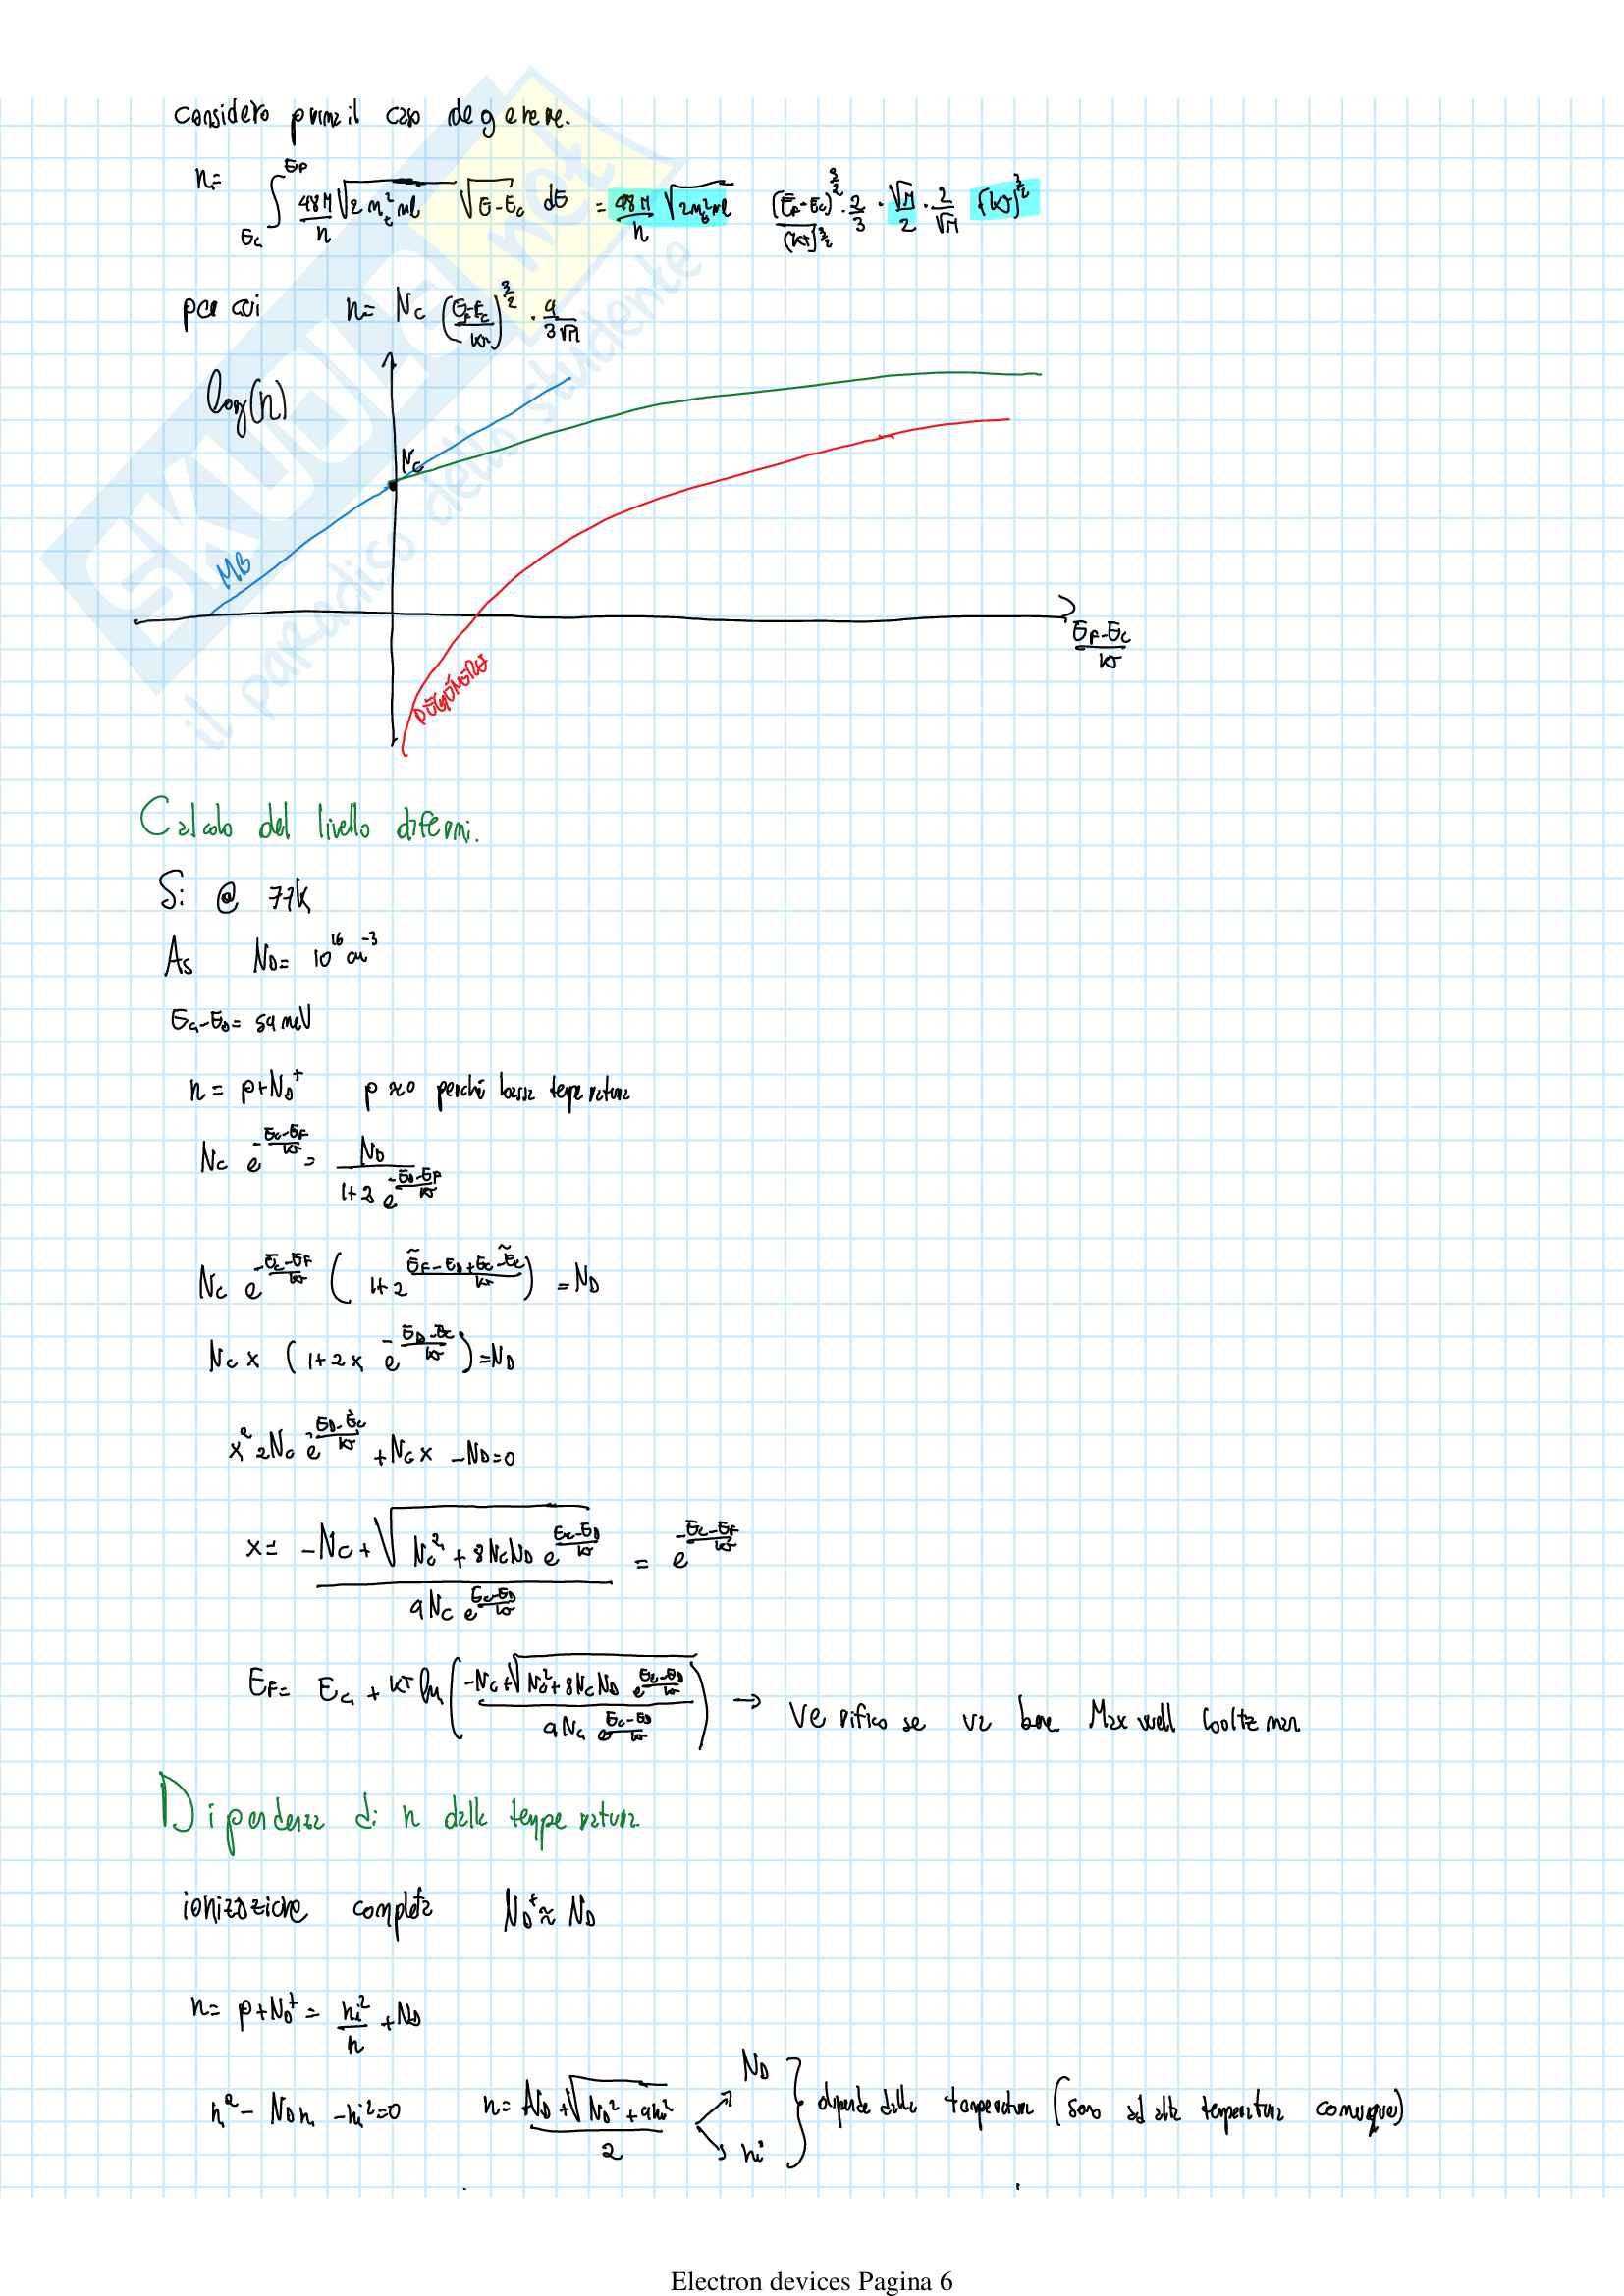 Appunti di Electron devices (corso completo) Pag. 6